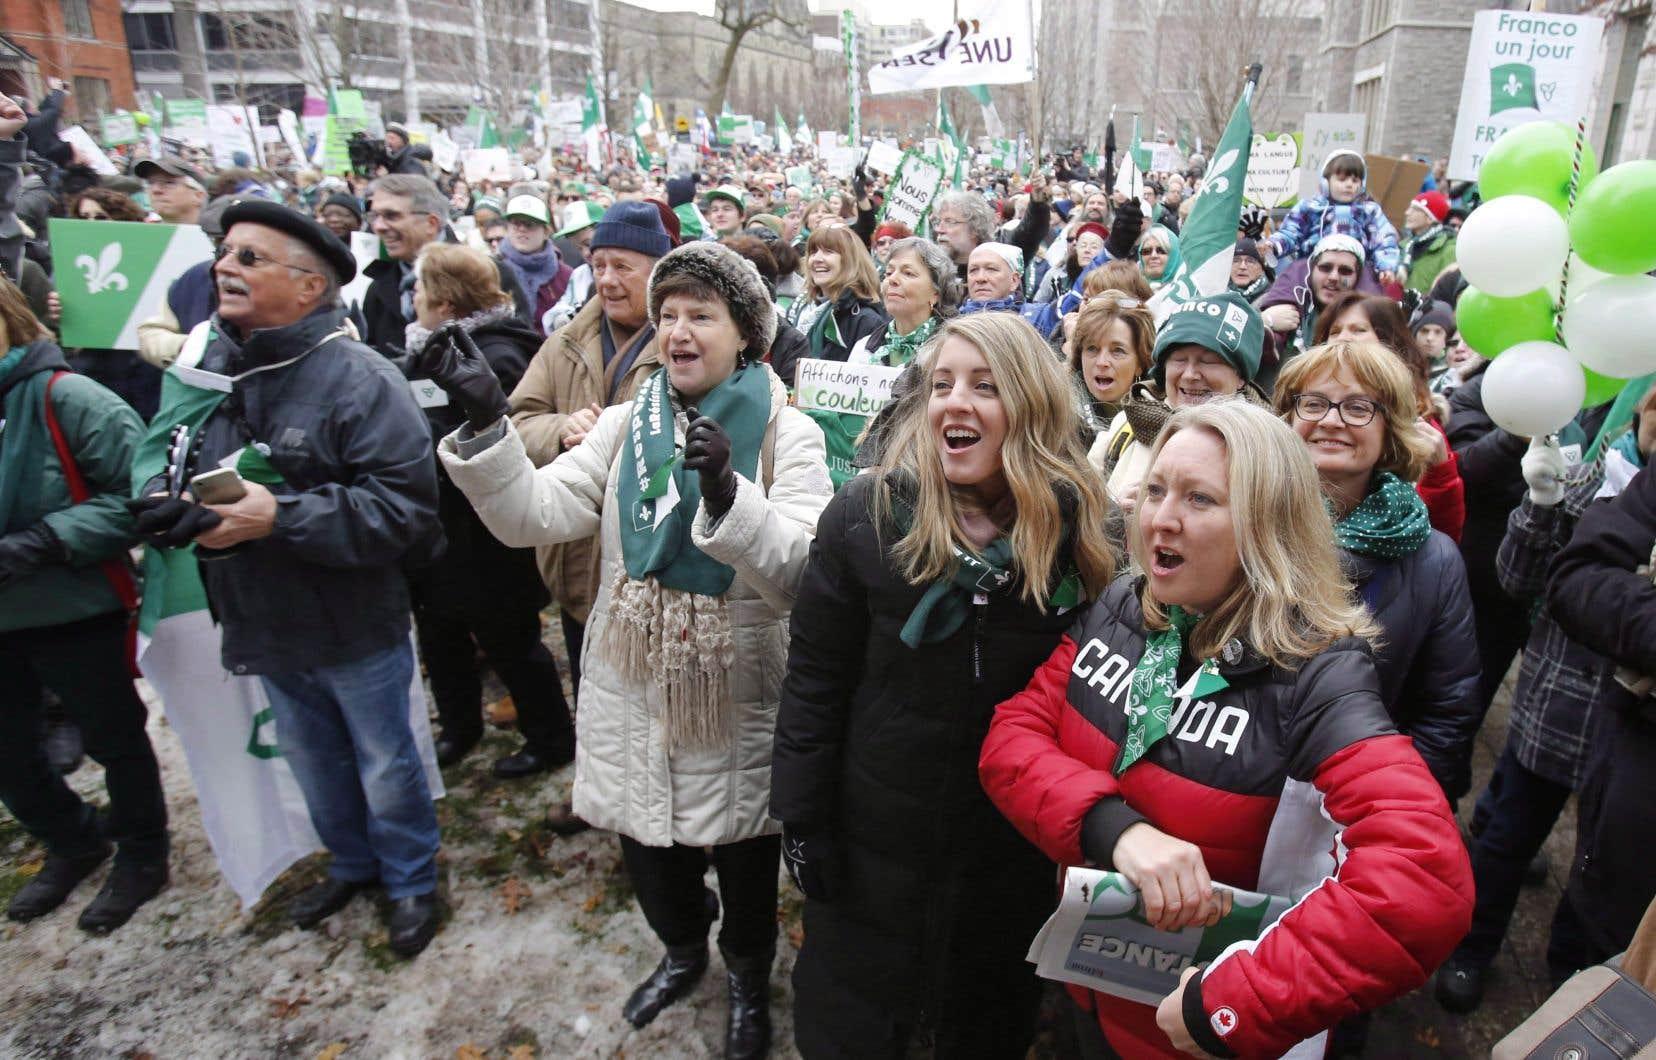 La ministre du Tourisme, des Langues officielles et de la Francophonie, Mélanie Joly, avait participé à une manifestation franco-ontarienne contre les coupures de services en français par le gouvernement de l'Ontario, à Ottawa le 1er décembre 2018.